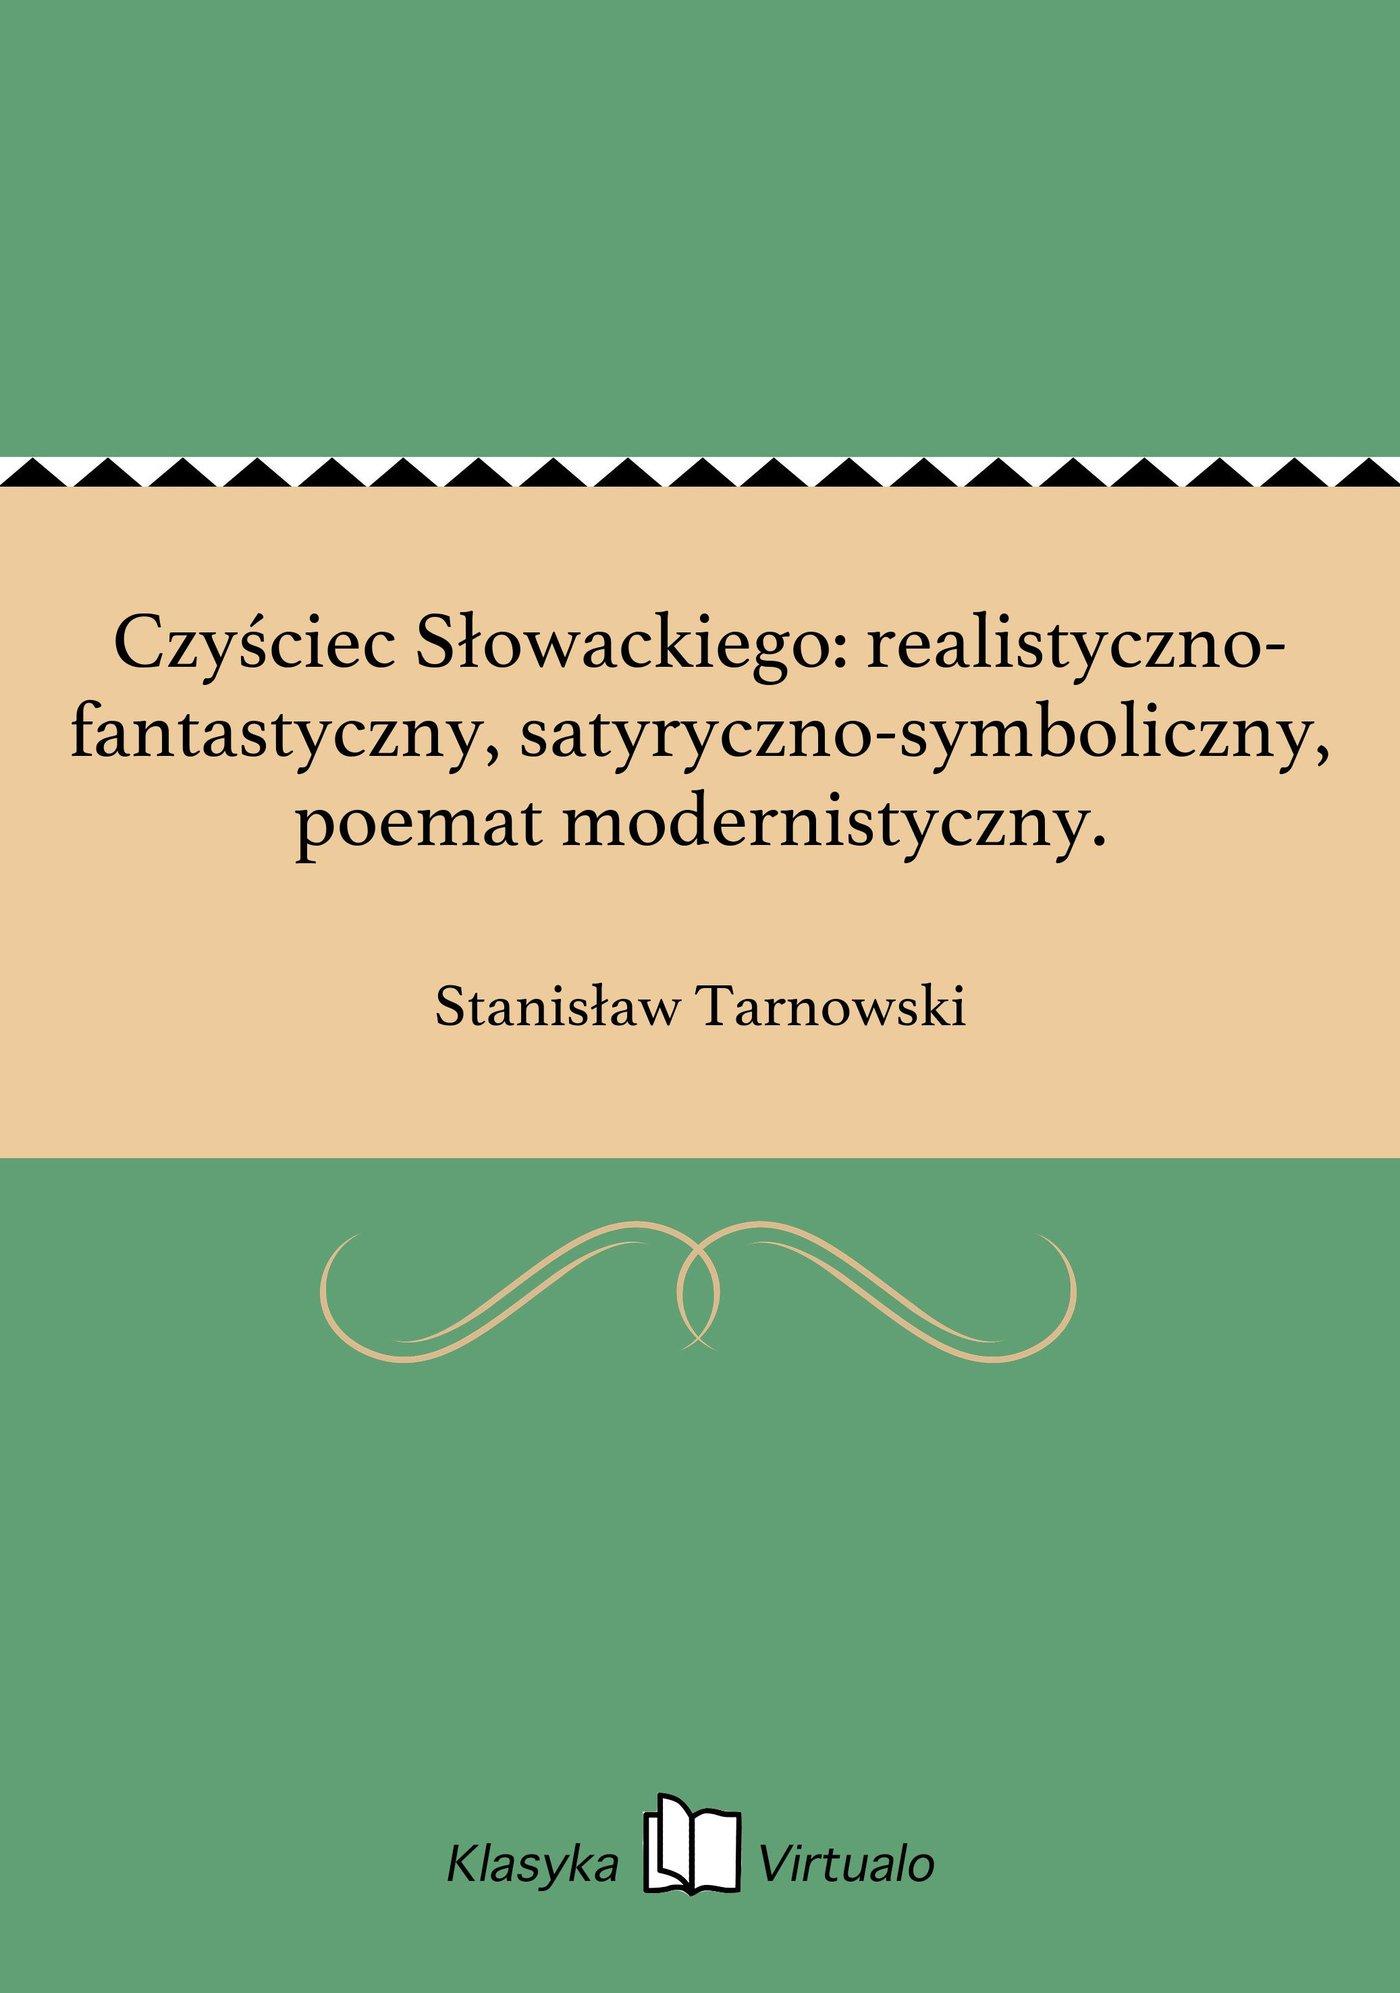 Czyściec Słowackiego: realistyczno-fantastyczny, satyryczno-symboliczny, poemat modernistyczny. - Ebook (Książka EPUB) do pobrania w formacie EPUB